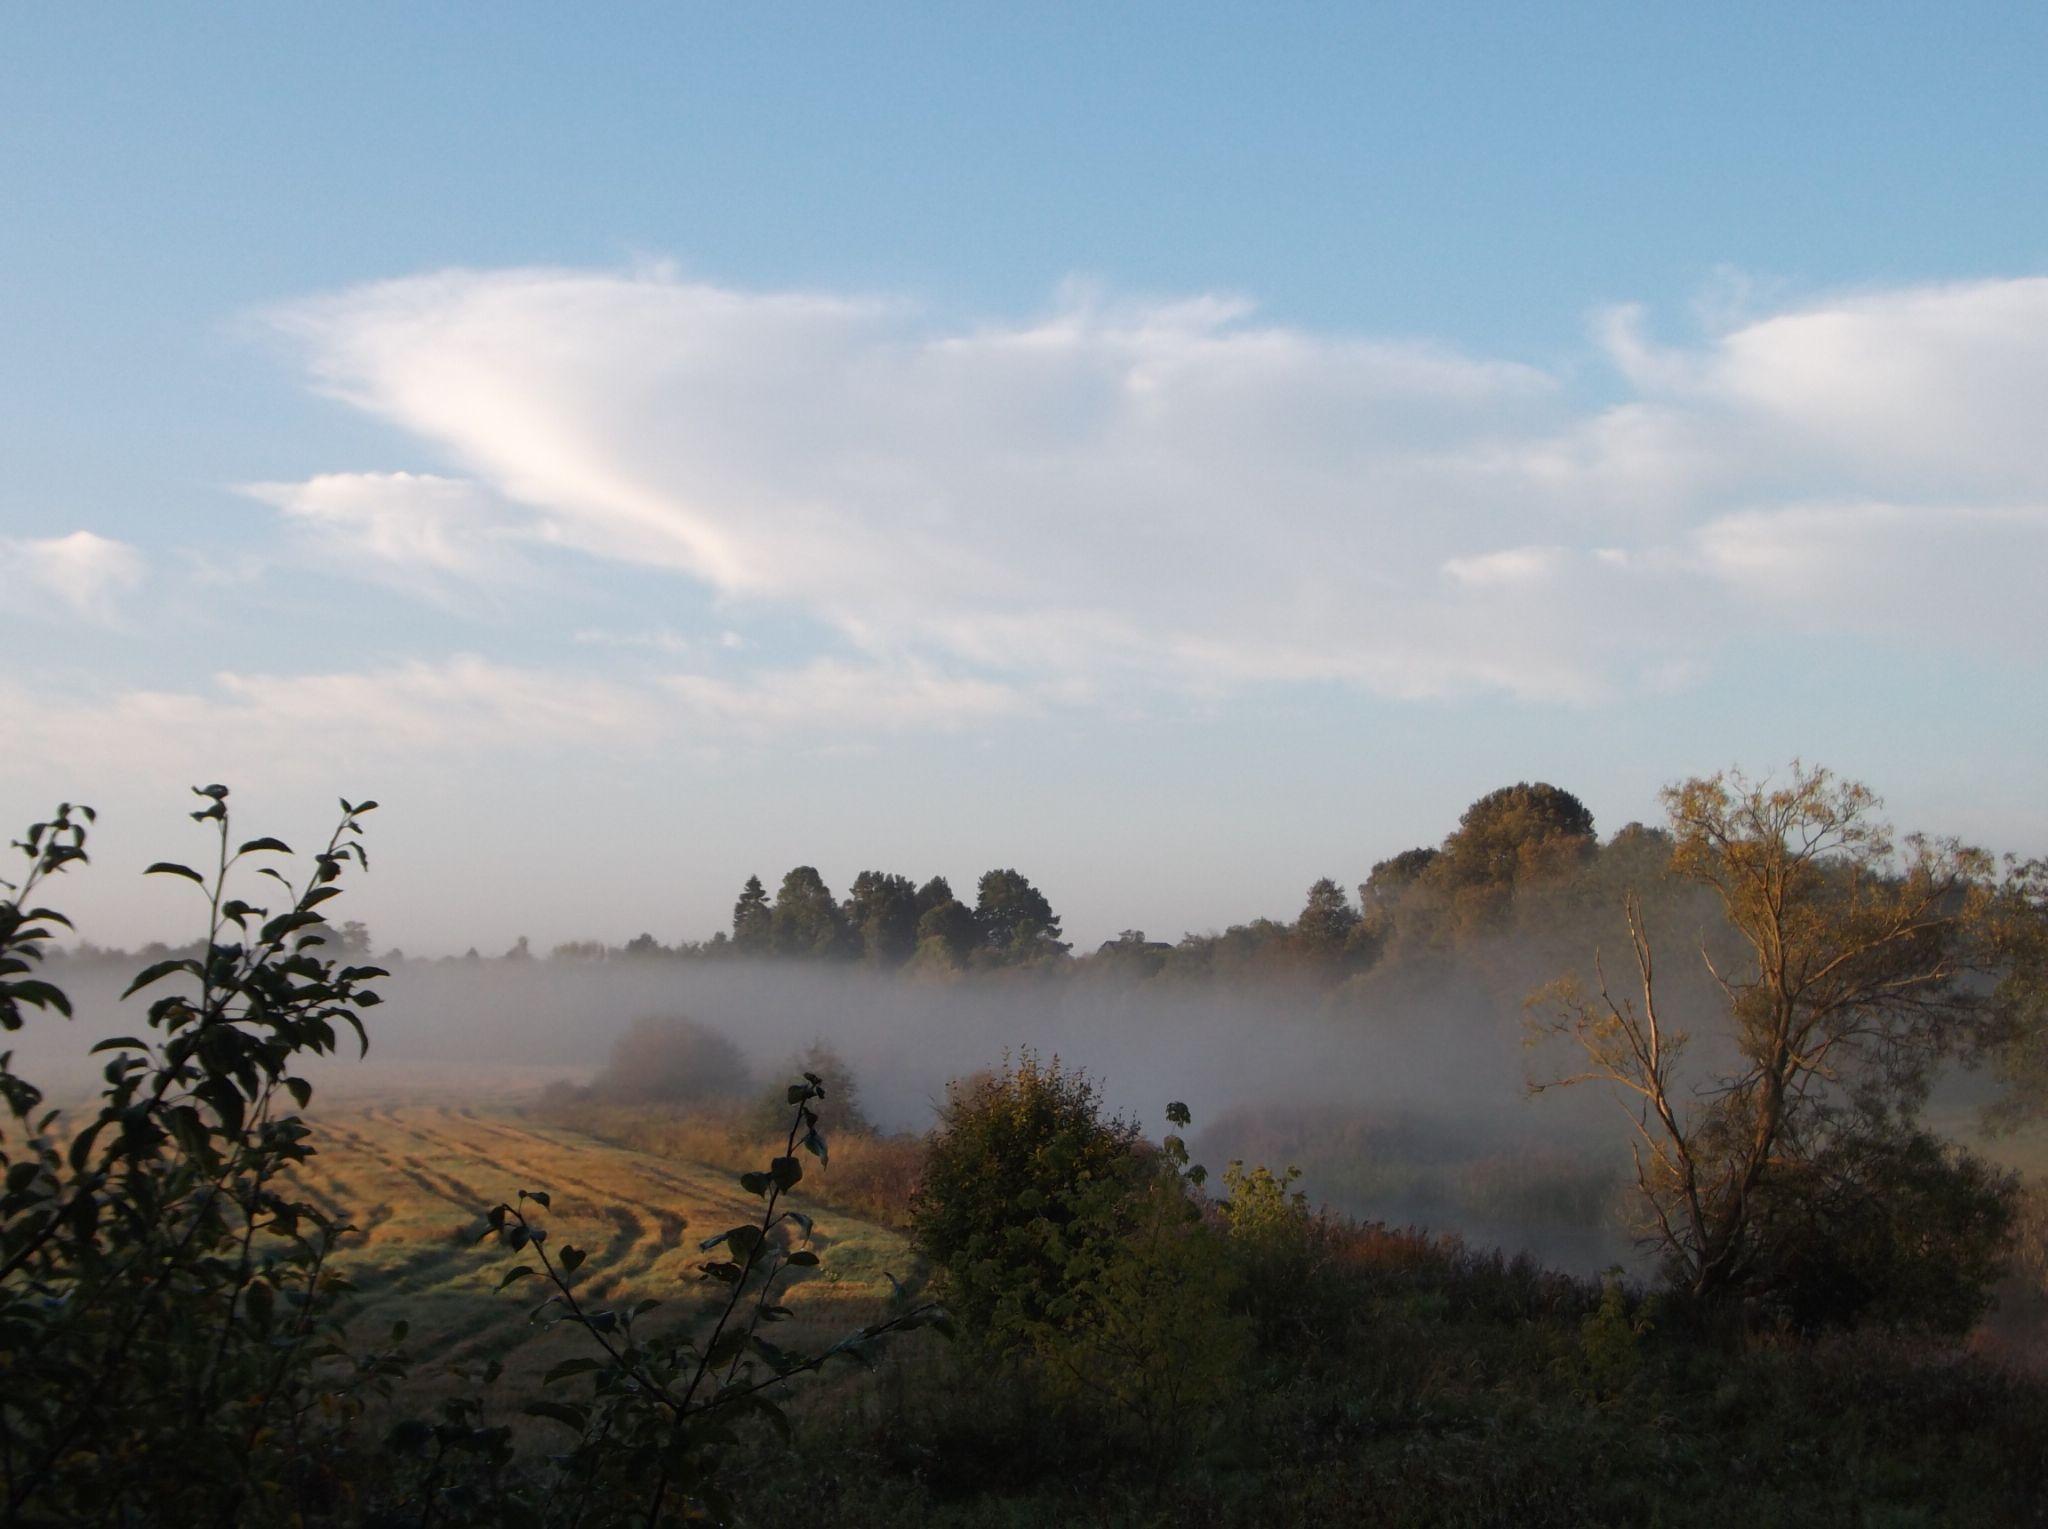 Morning on the river. by Zita Užkuraitienė